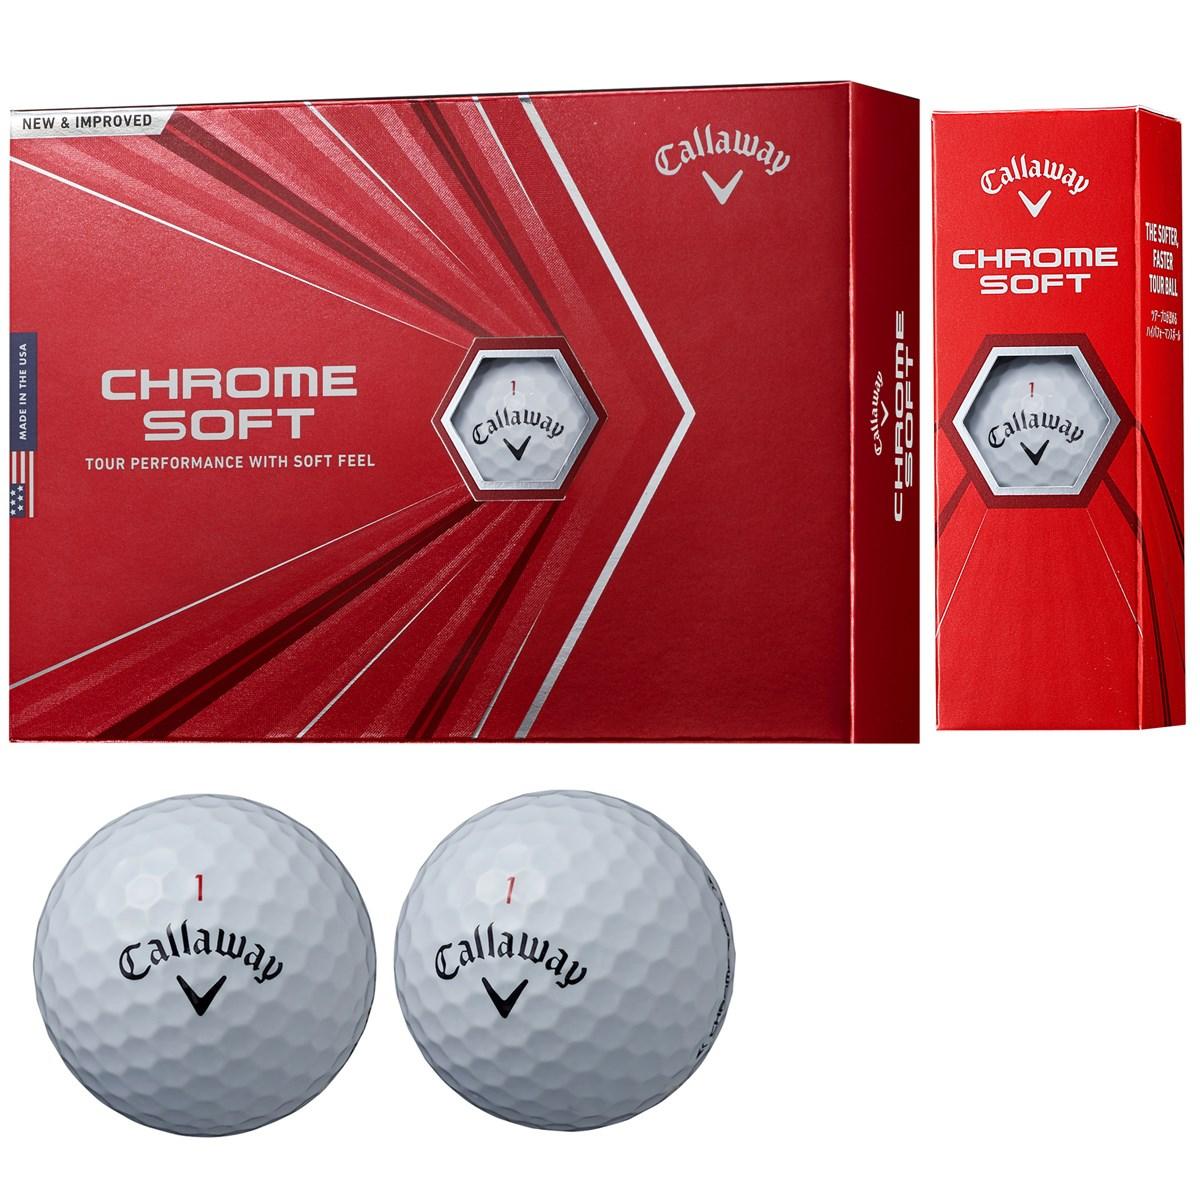 キャロウェイゴルフ CHROM SOFT CHROME SOFT ボール 5ダースセット 5ダース(60個入り) ホワイト